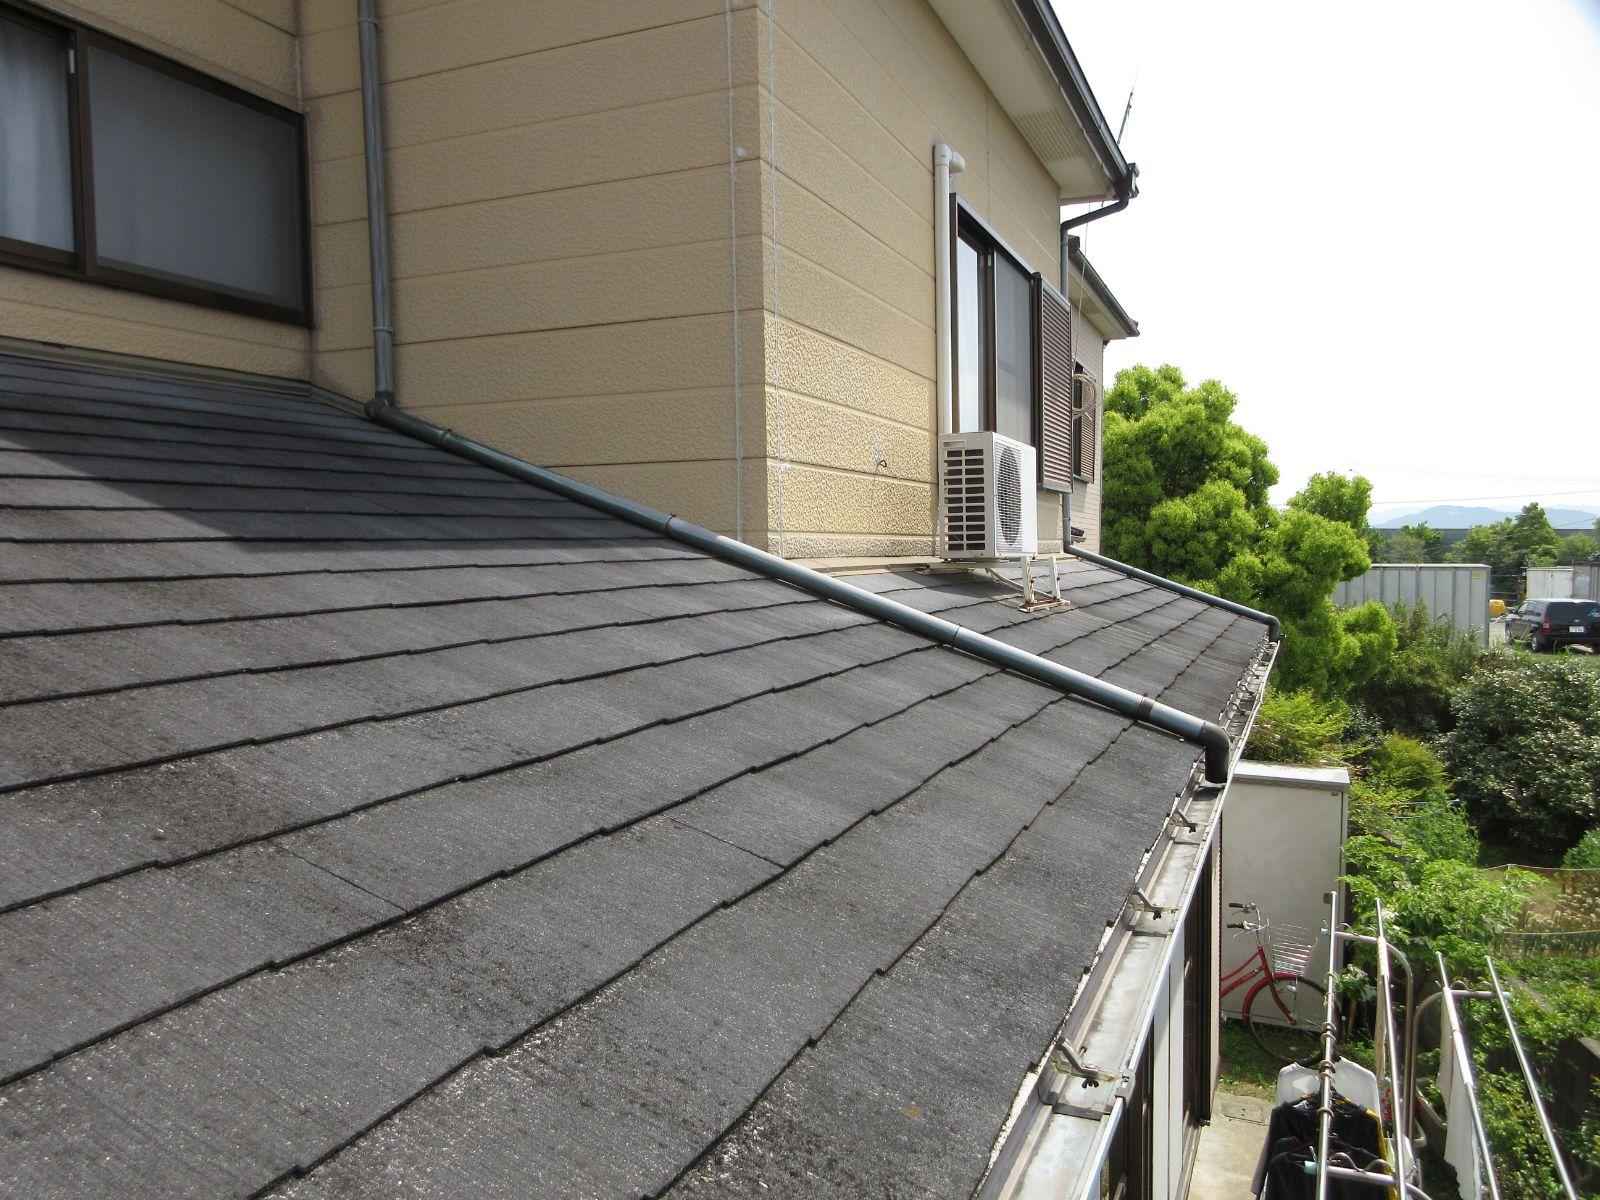 【和歌山市】T様邸<br>『ライトグレーの外壁と黒の屋根でエレガントな仕上がりに♪』5